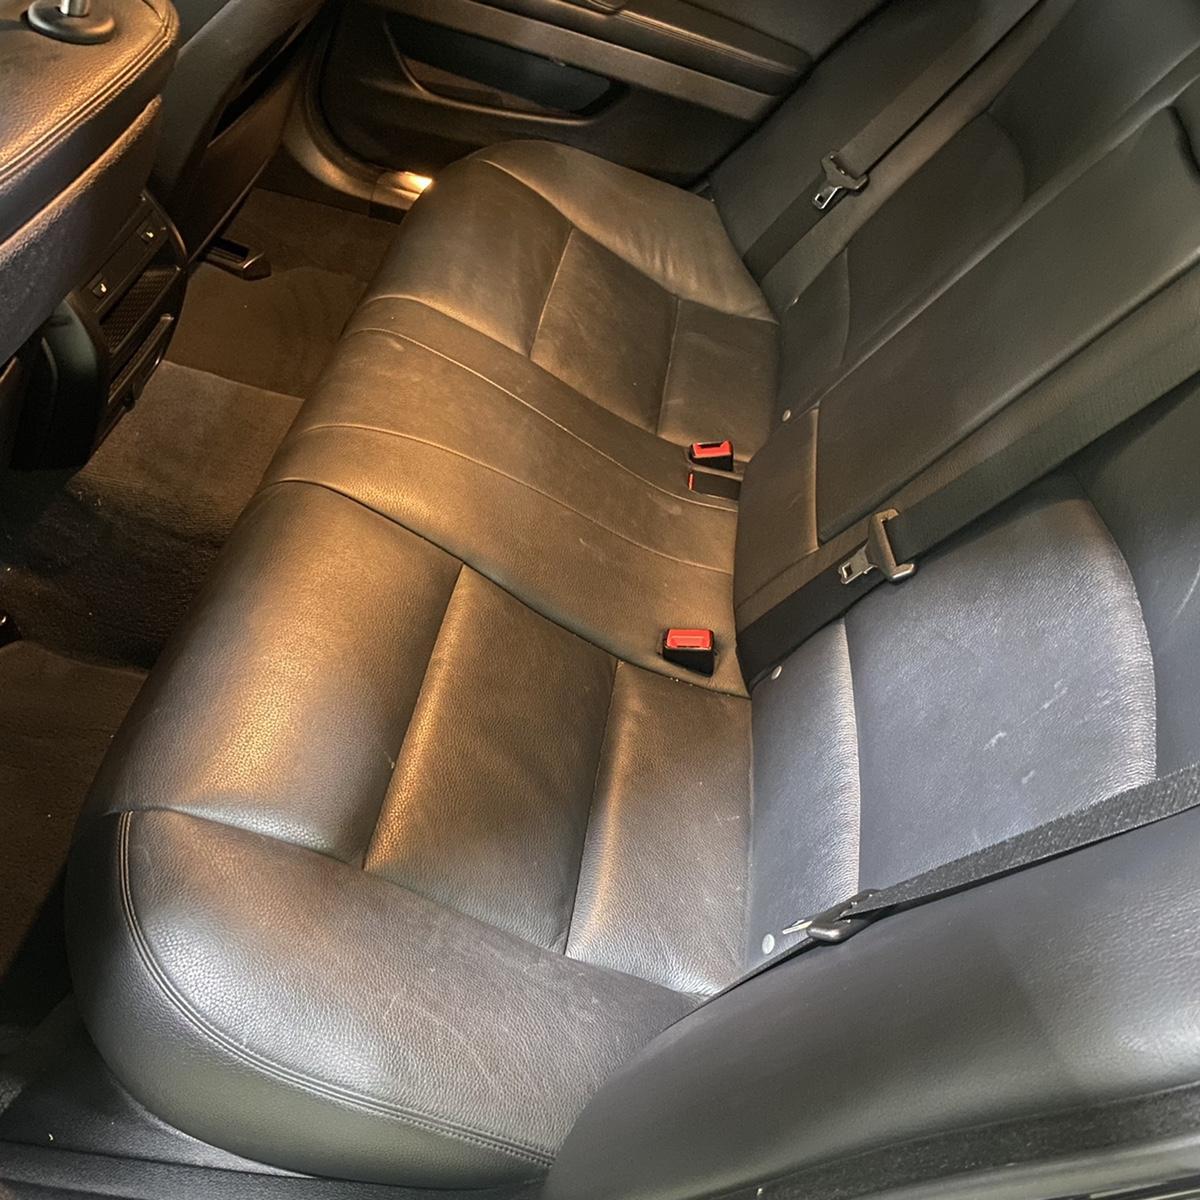 BMW 14년식 520d Xdrive 완전무사고 1인신조 비흡연 - 7